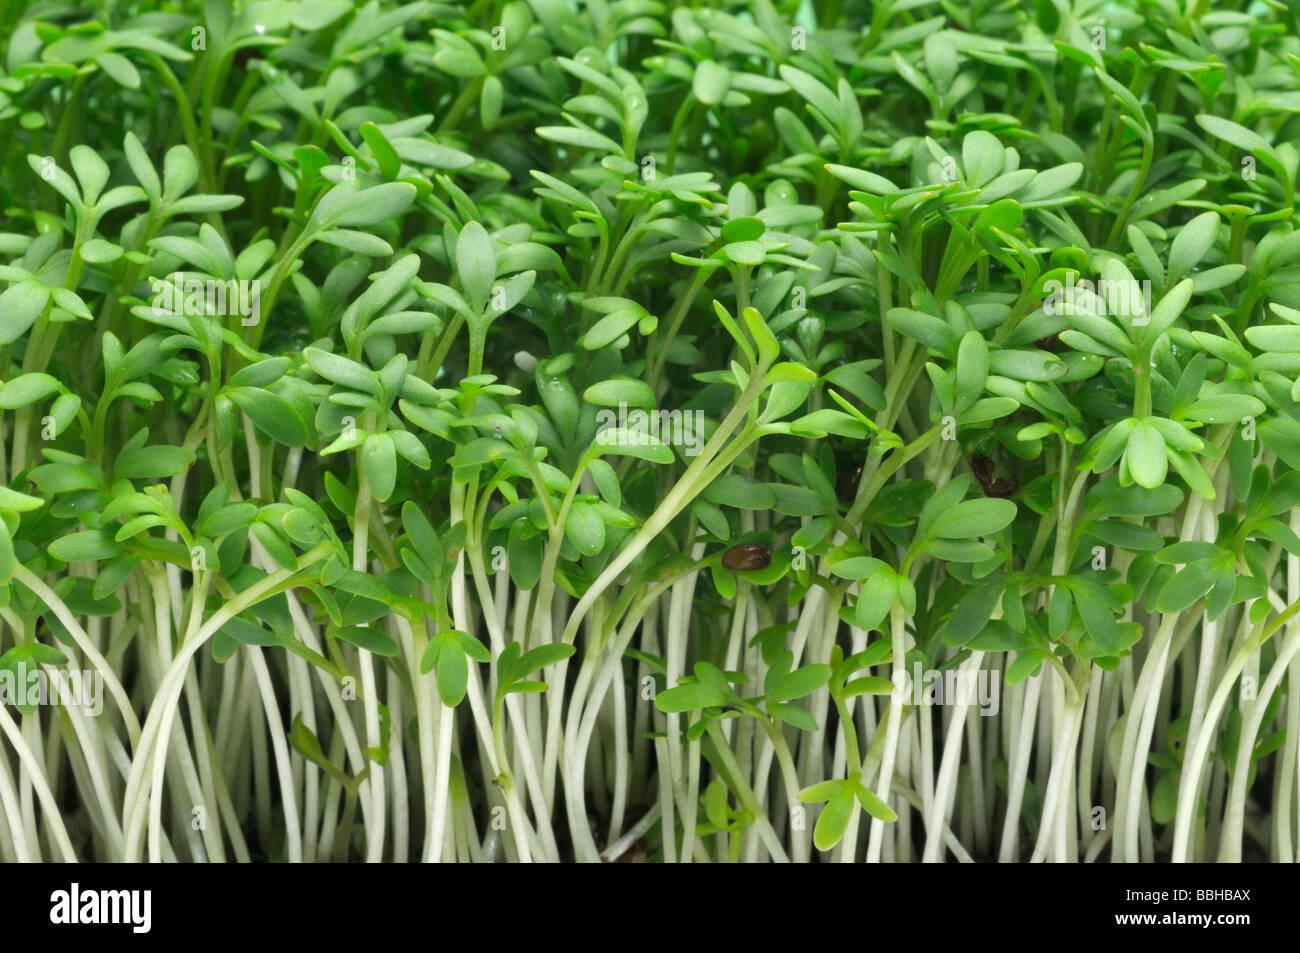 Garden Cress Pepperwort Lepidium sativum young plants Stock